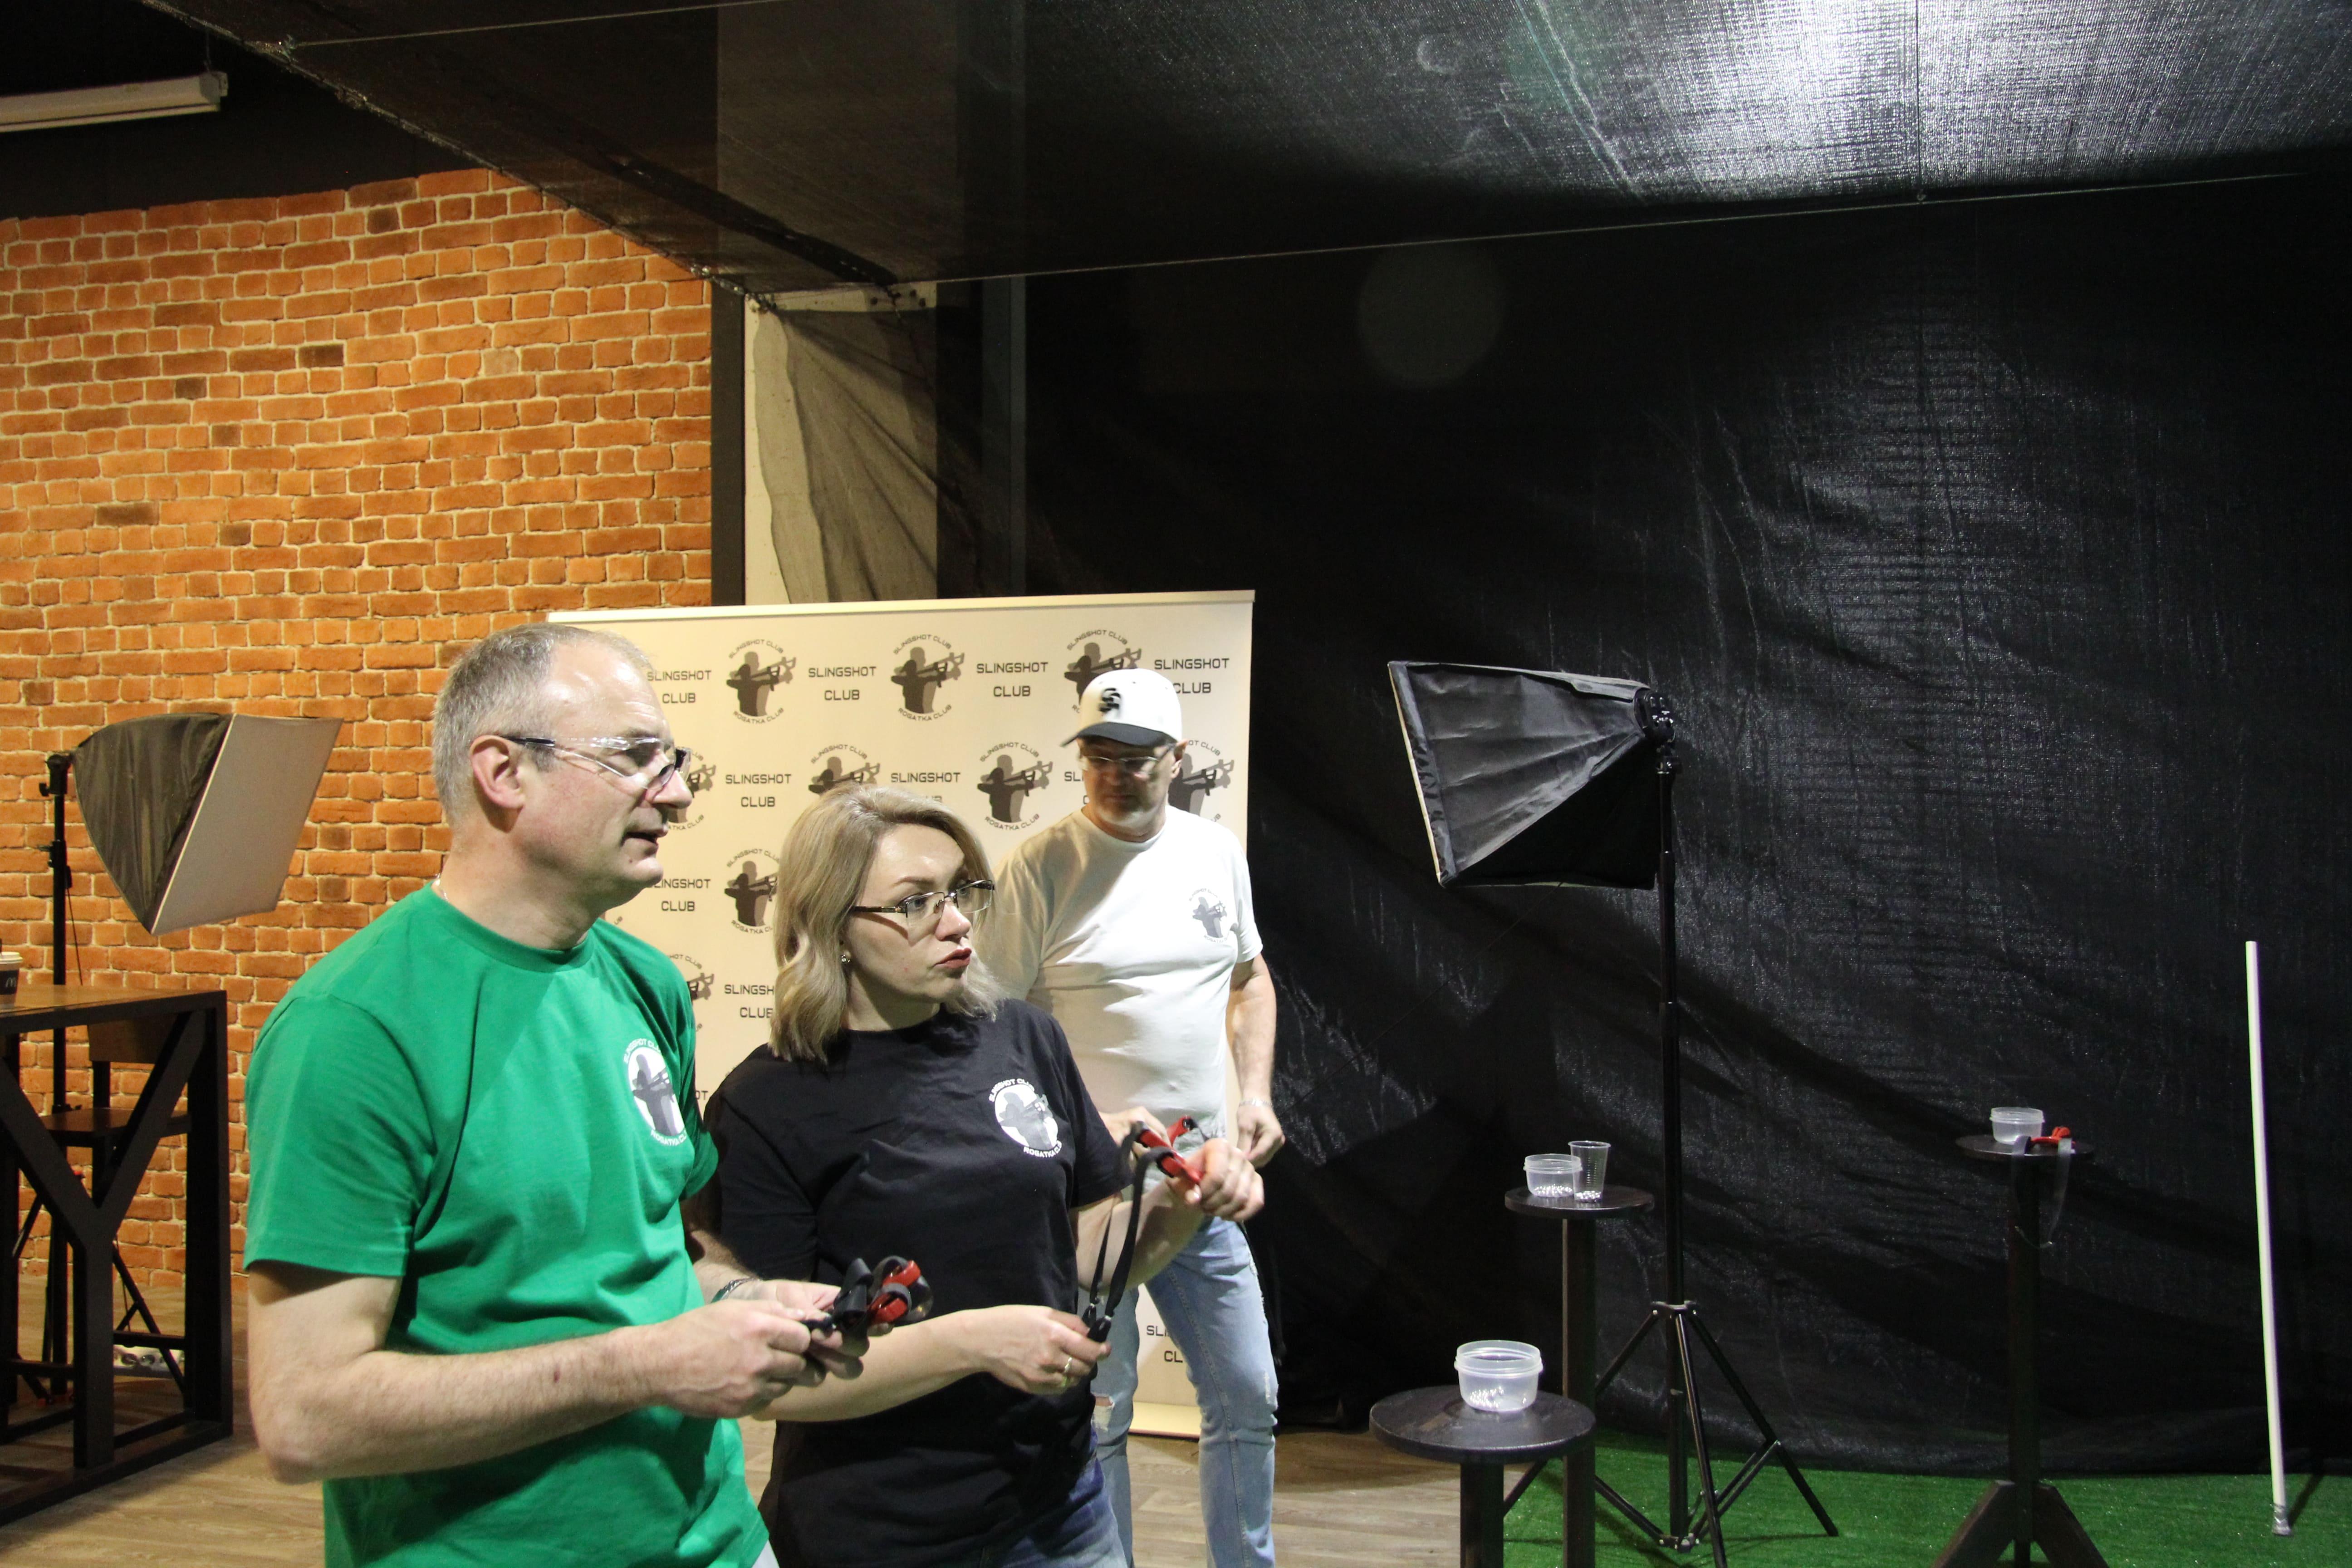 Подготовка к турниру по стрельбе из рогатки